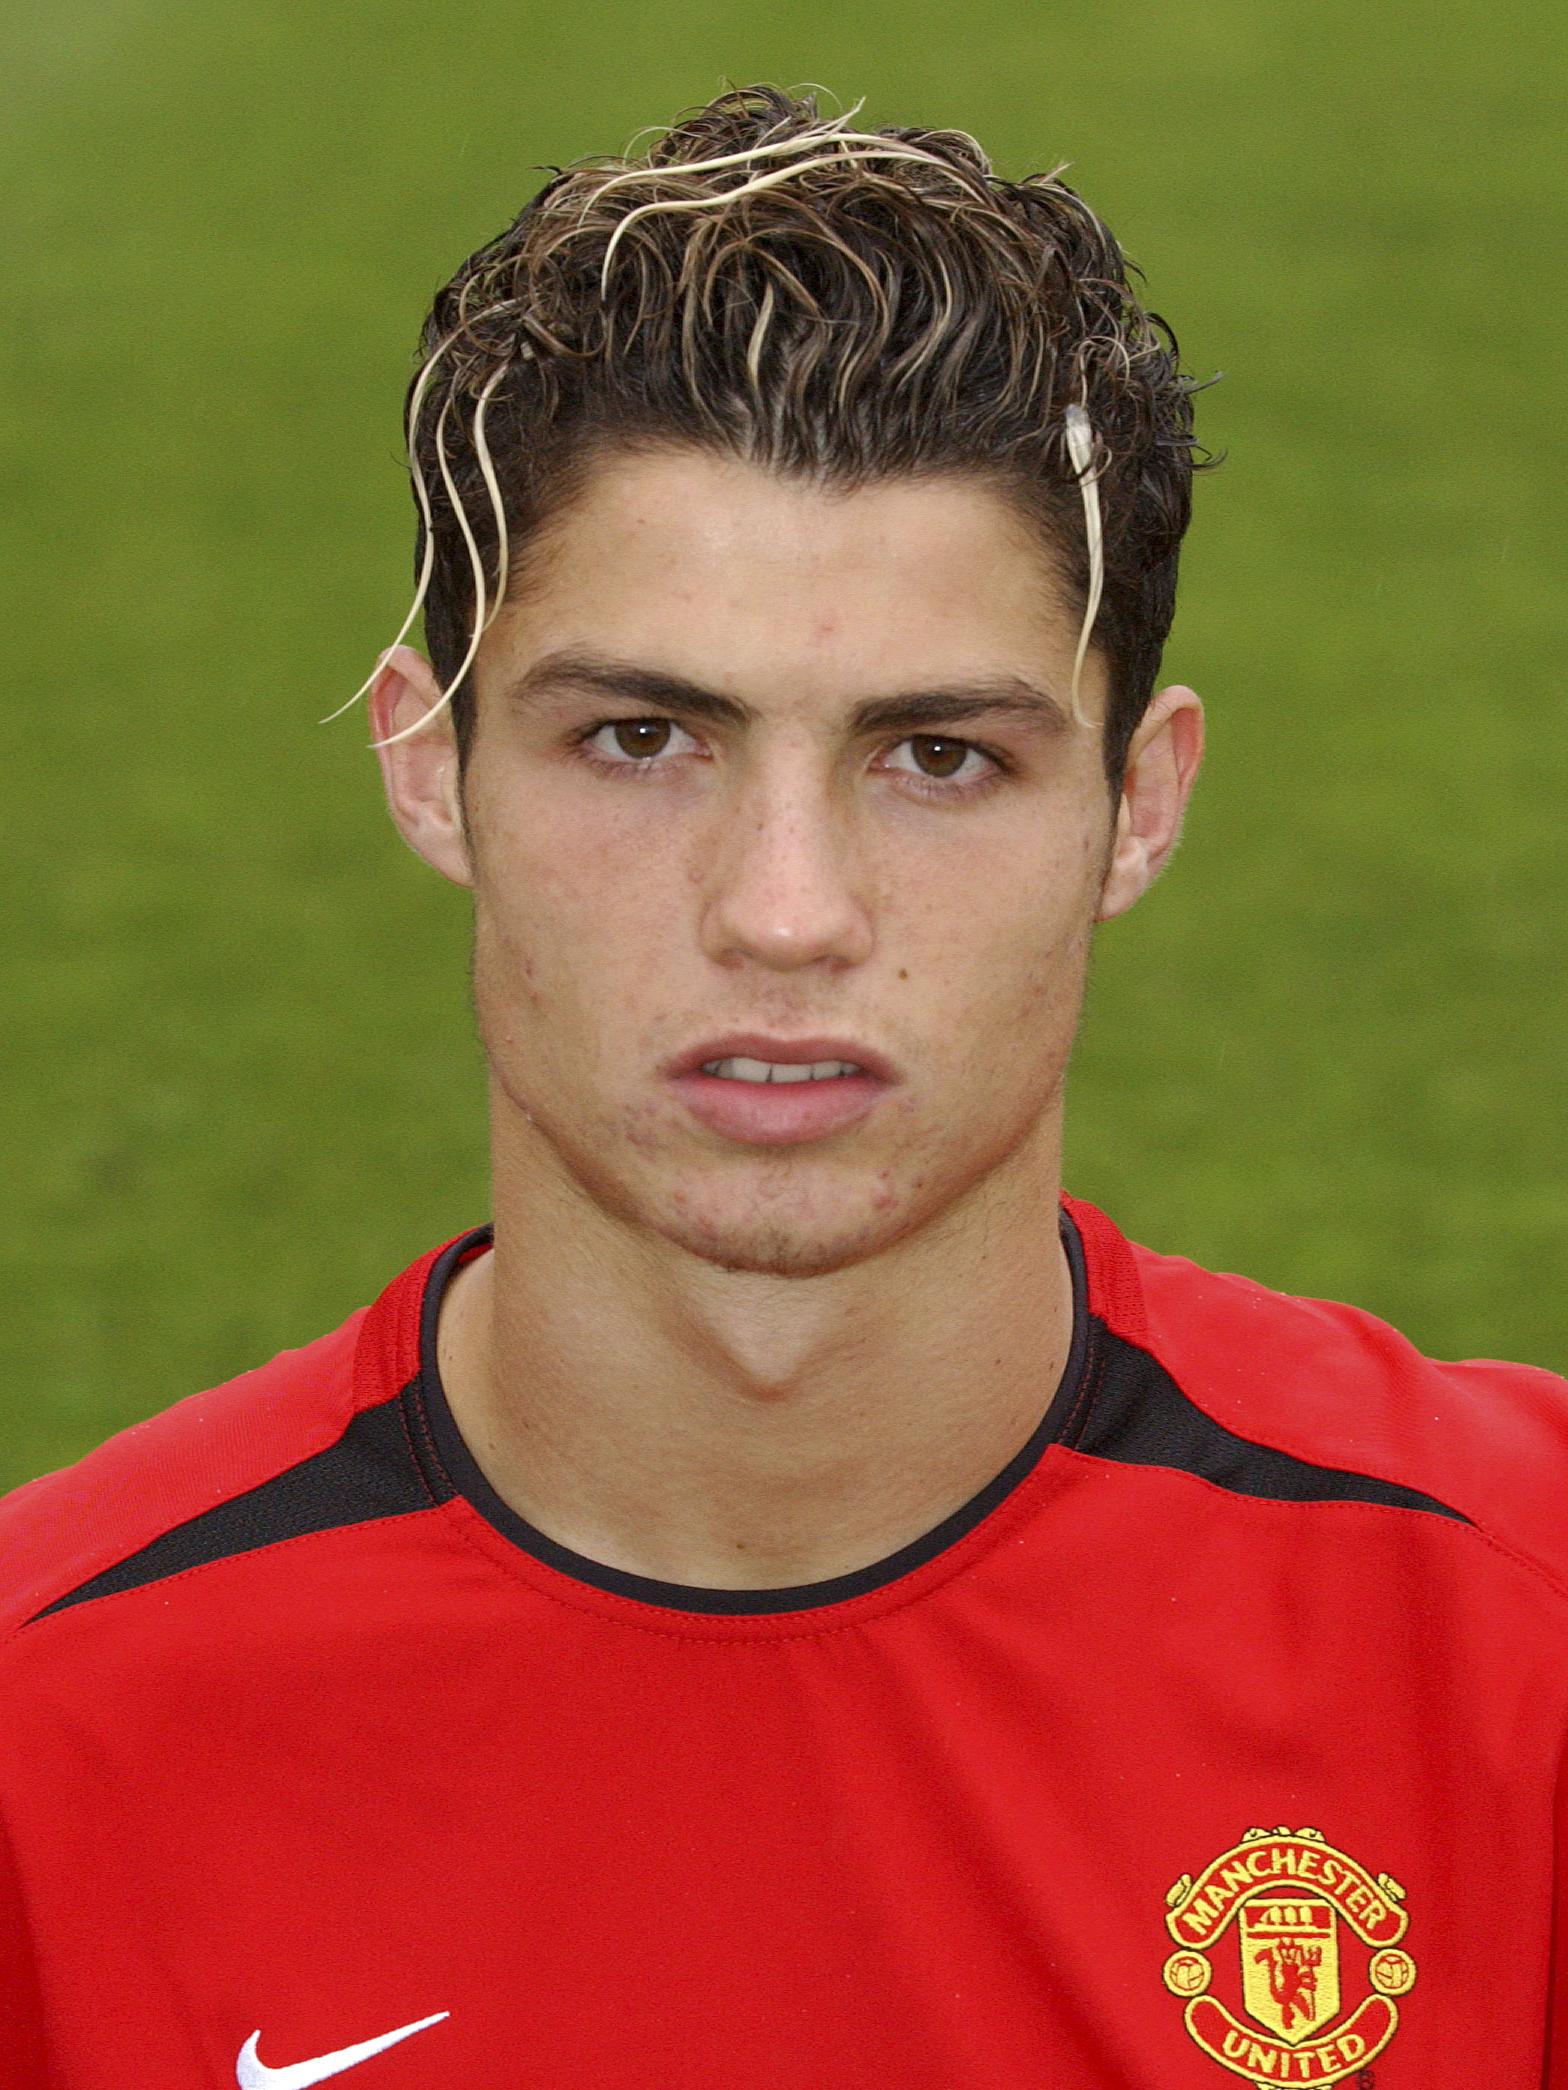 El estilo de Cristiano Ronaldo Comunidad GAMA Italy